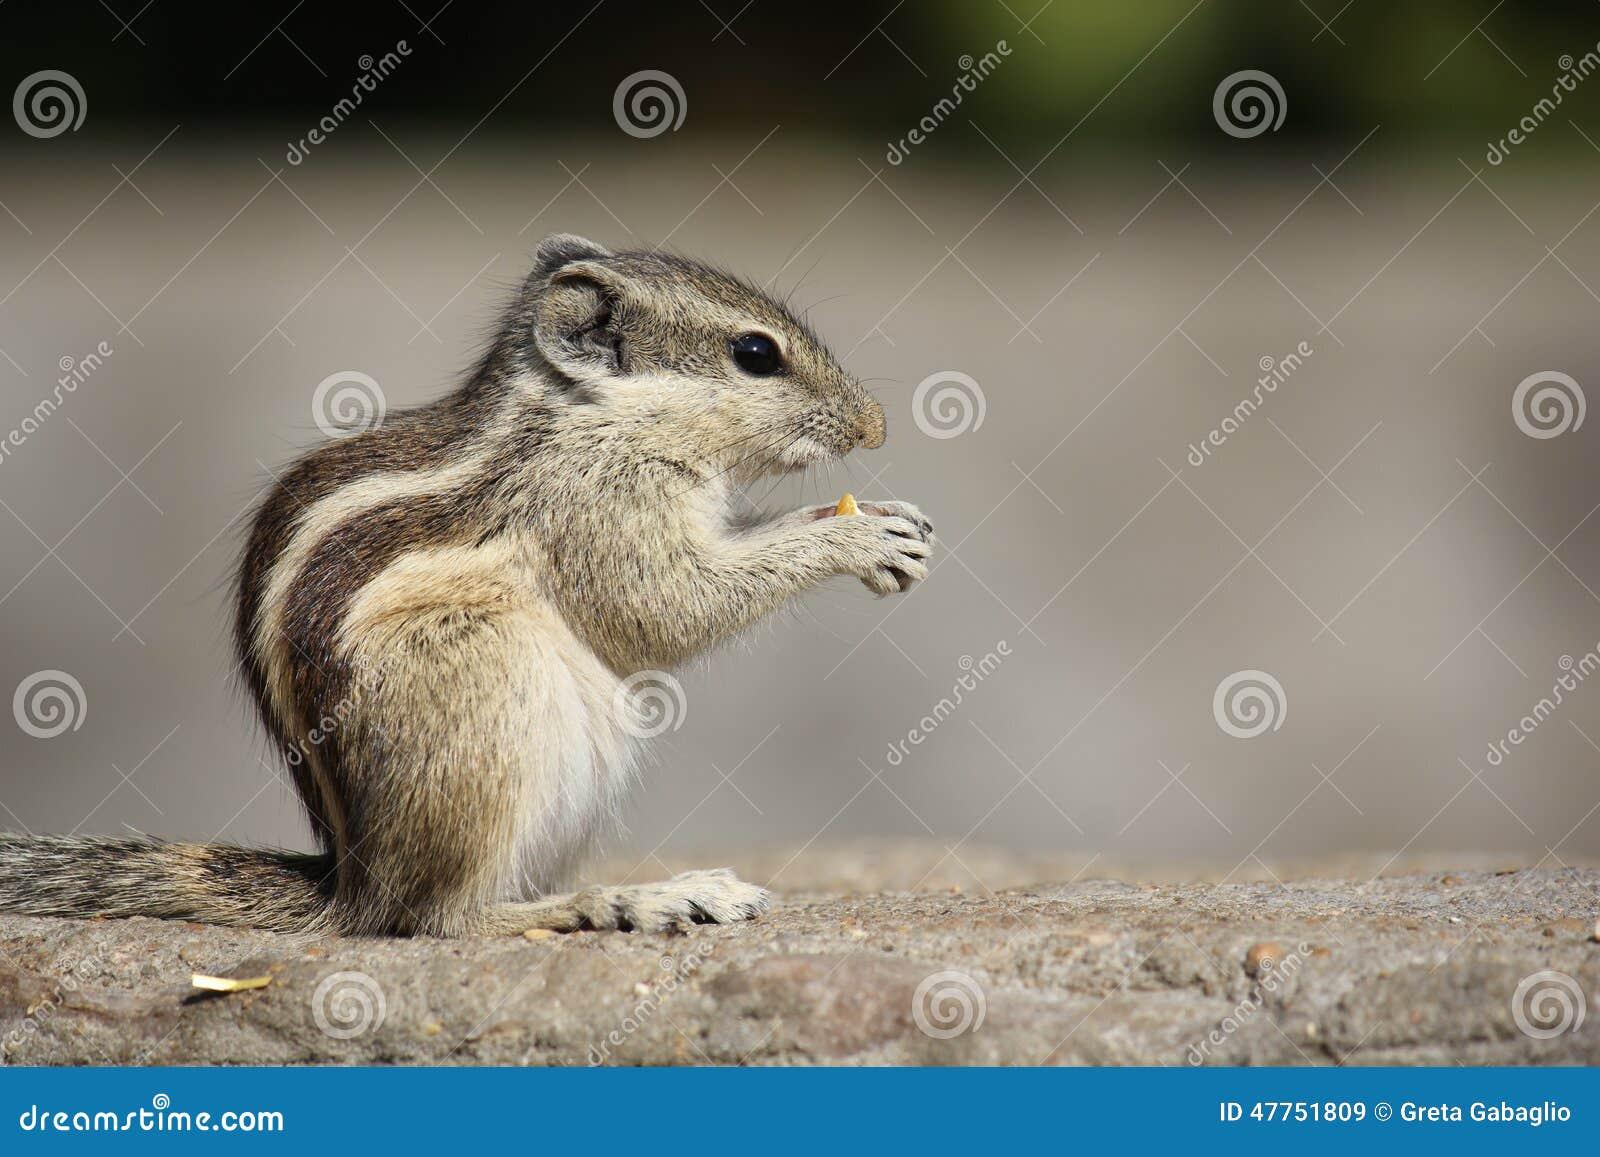 Kleines Nagetier, das eine Eichel isst